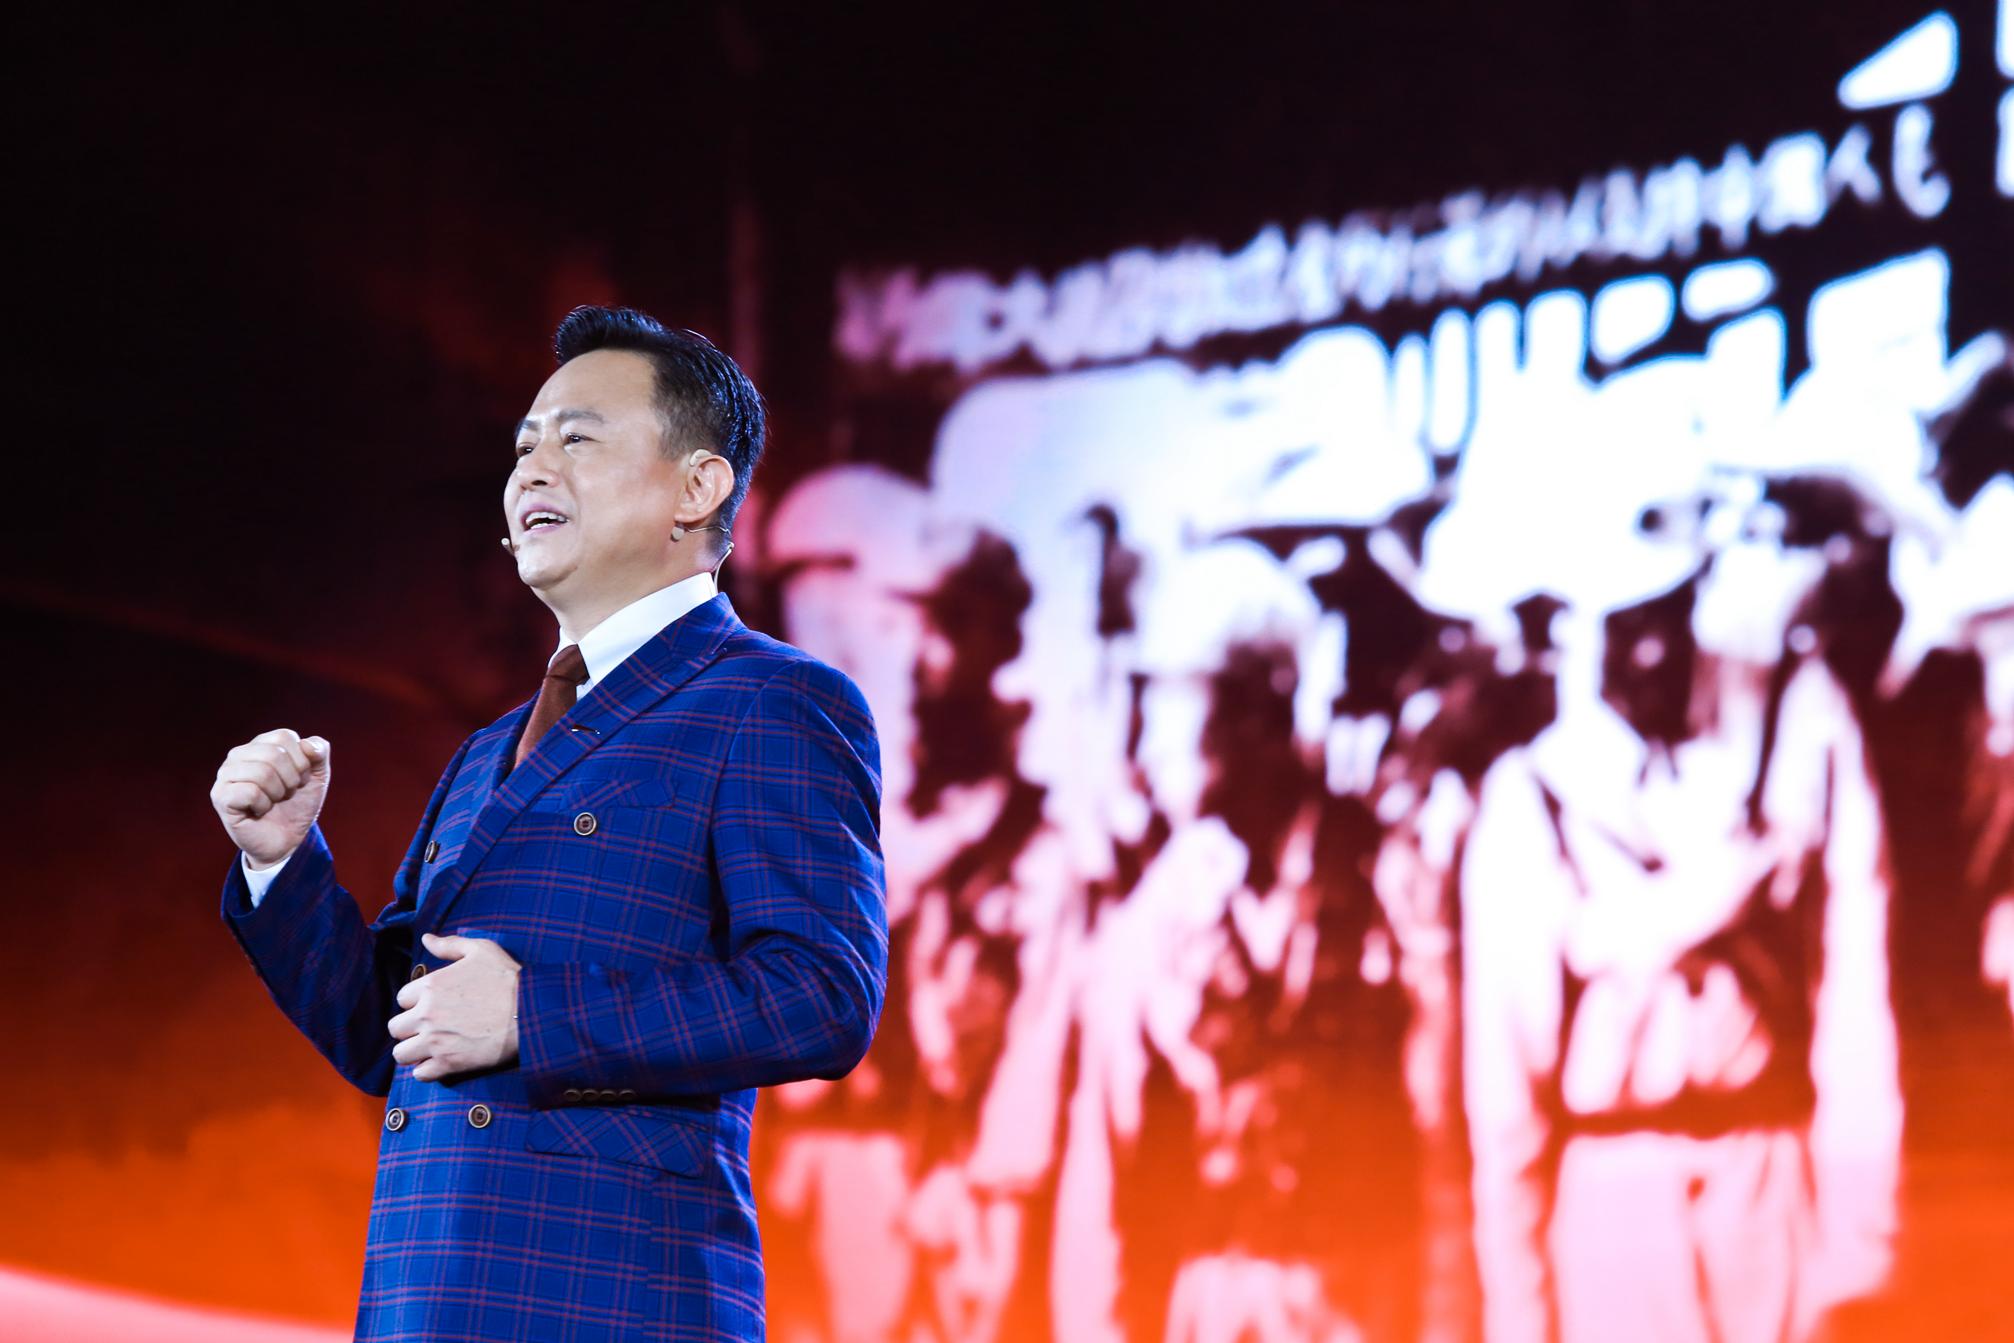 未来将推四大系列产品 中国一汽发布新红旗品牌战略